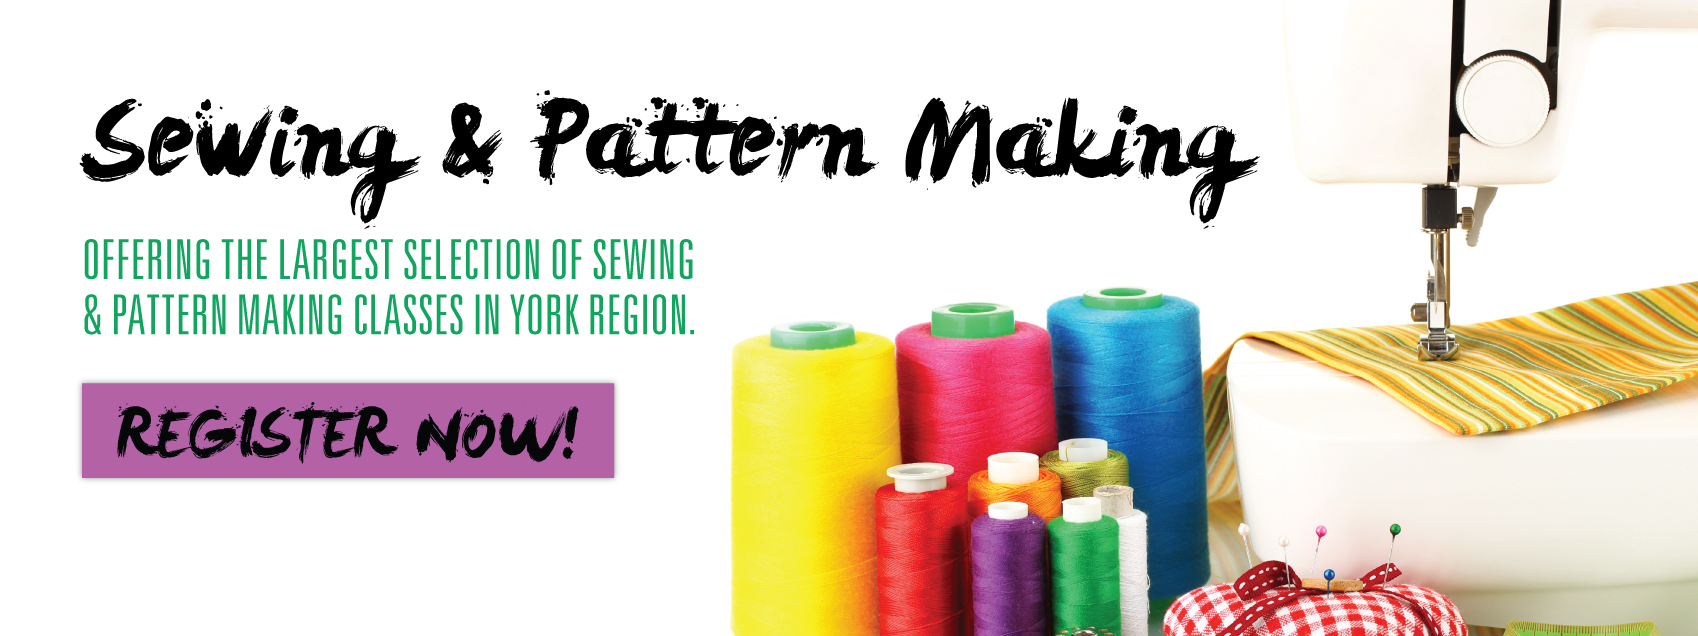 HC-Sewing-Banner-FINAL